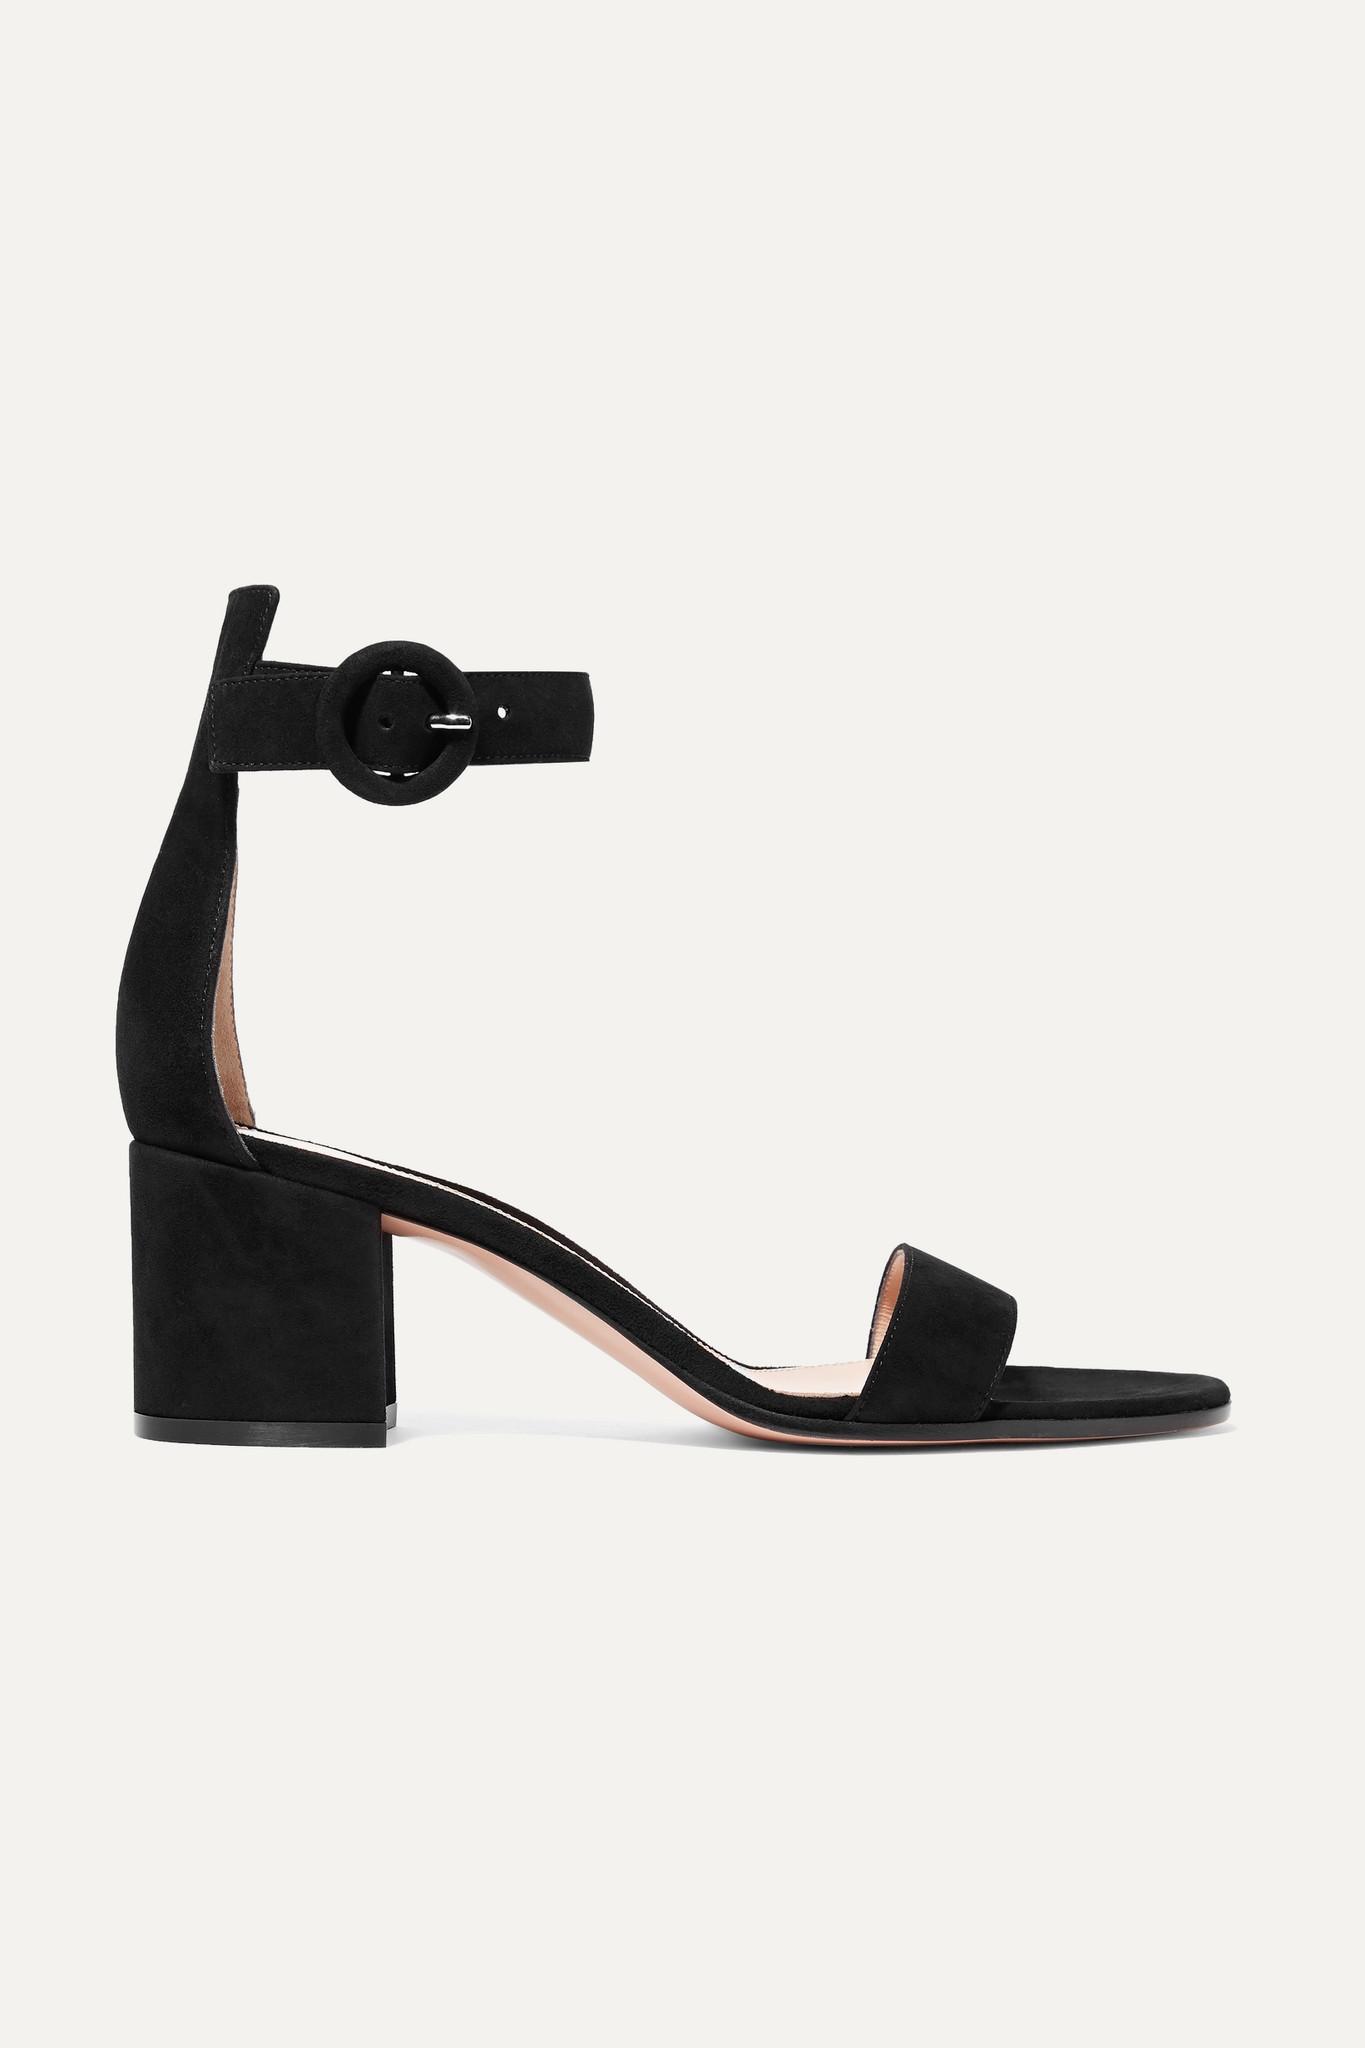 GIANVITO ROSSI - Versilia 60 Suede Sandals - Black - IT35